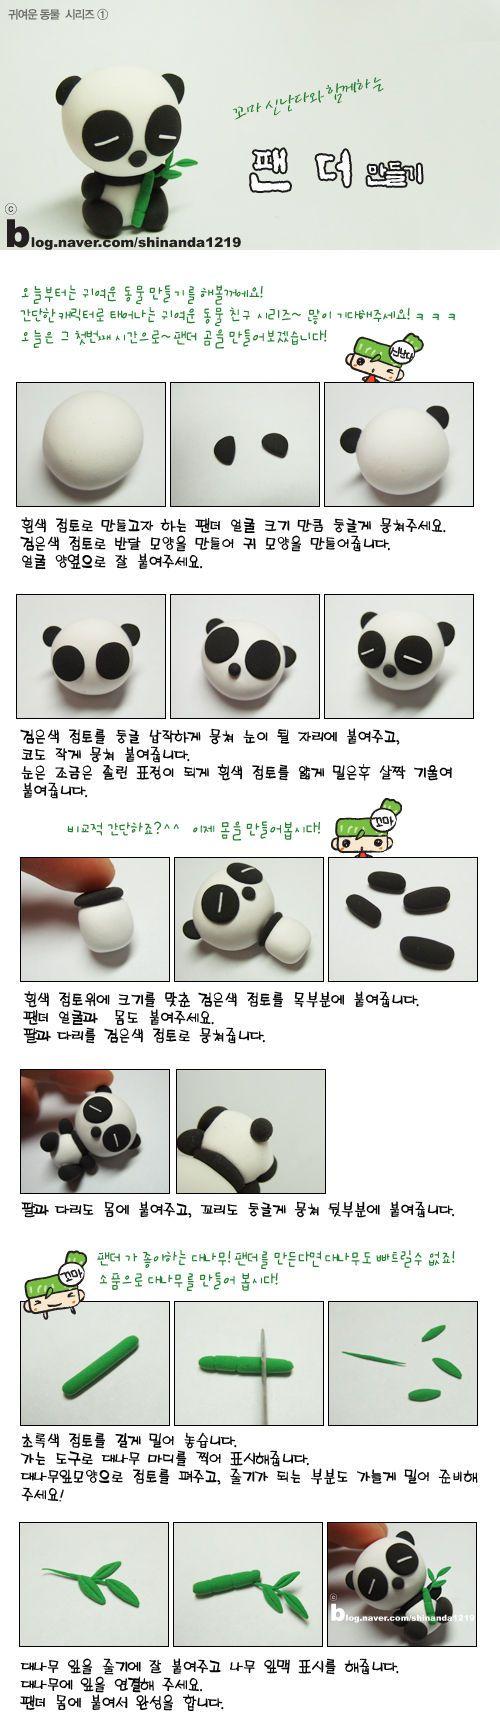 DIY Cute Clay Chinese Panda